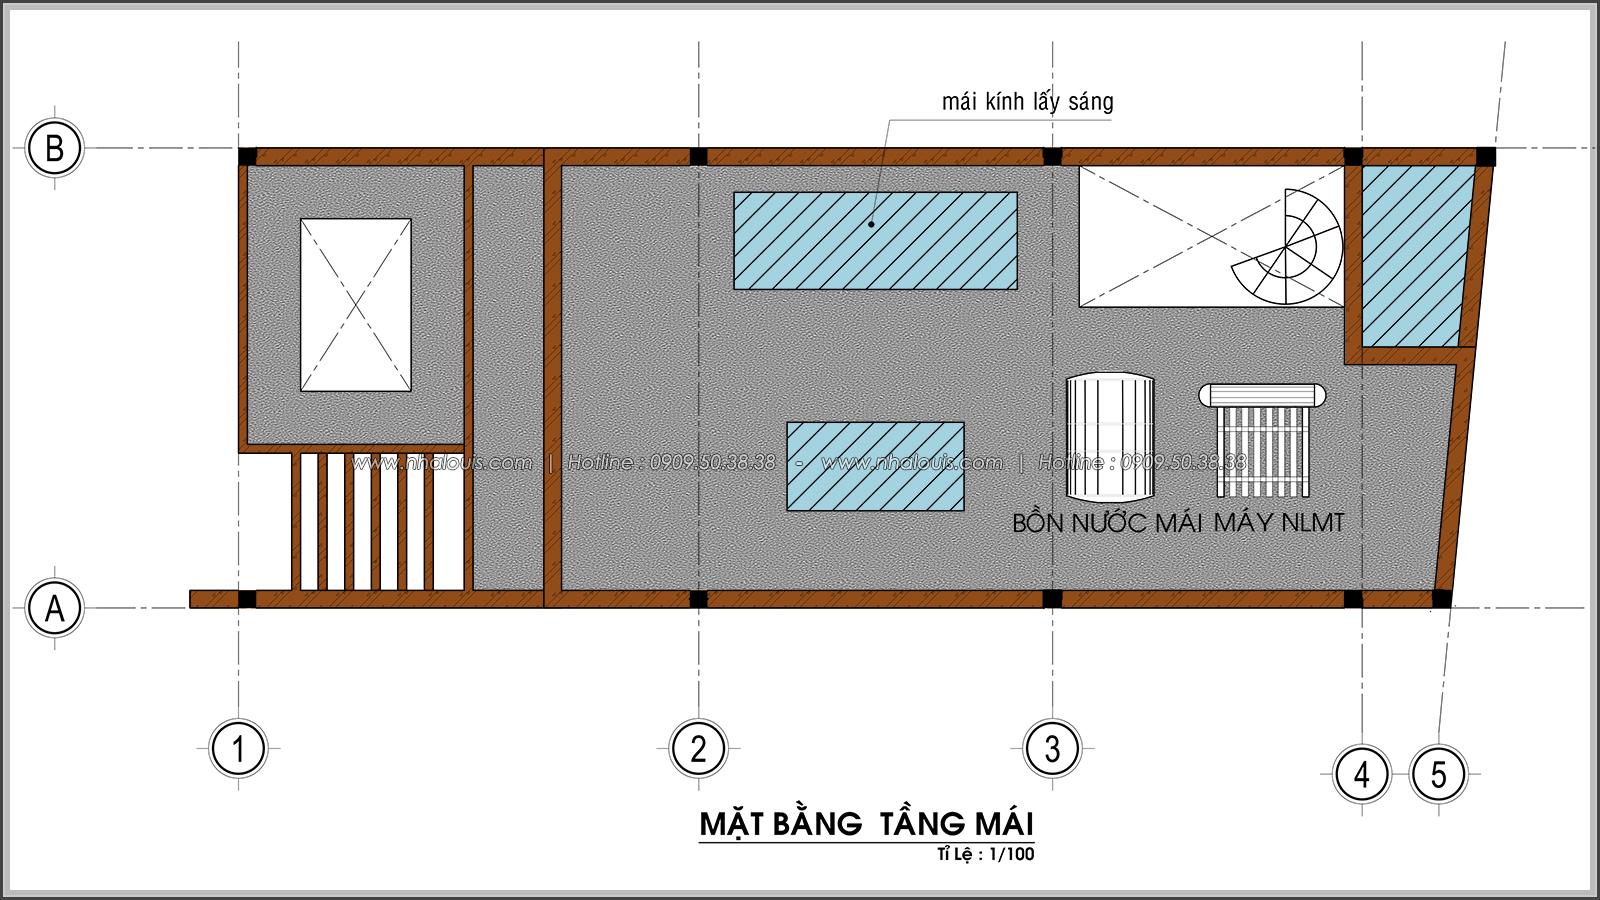 Mẫu thiết kế nhà ống 5 tầng mặt tiền 5m có gara ô tô tại Tân Bình - 08